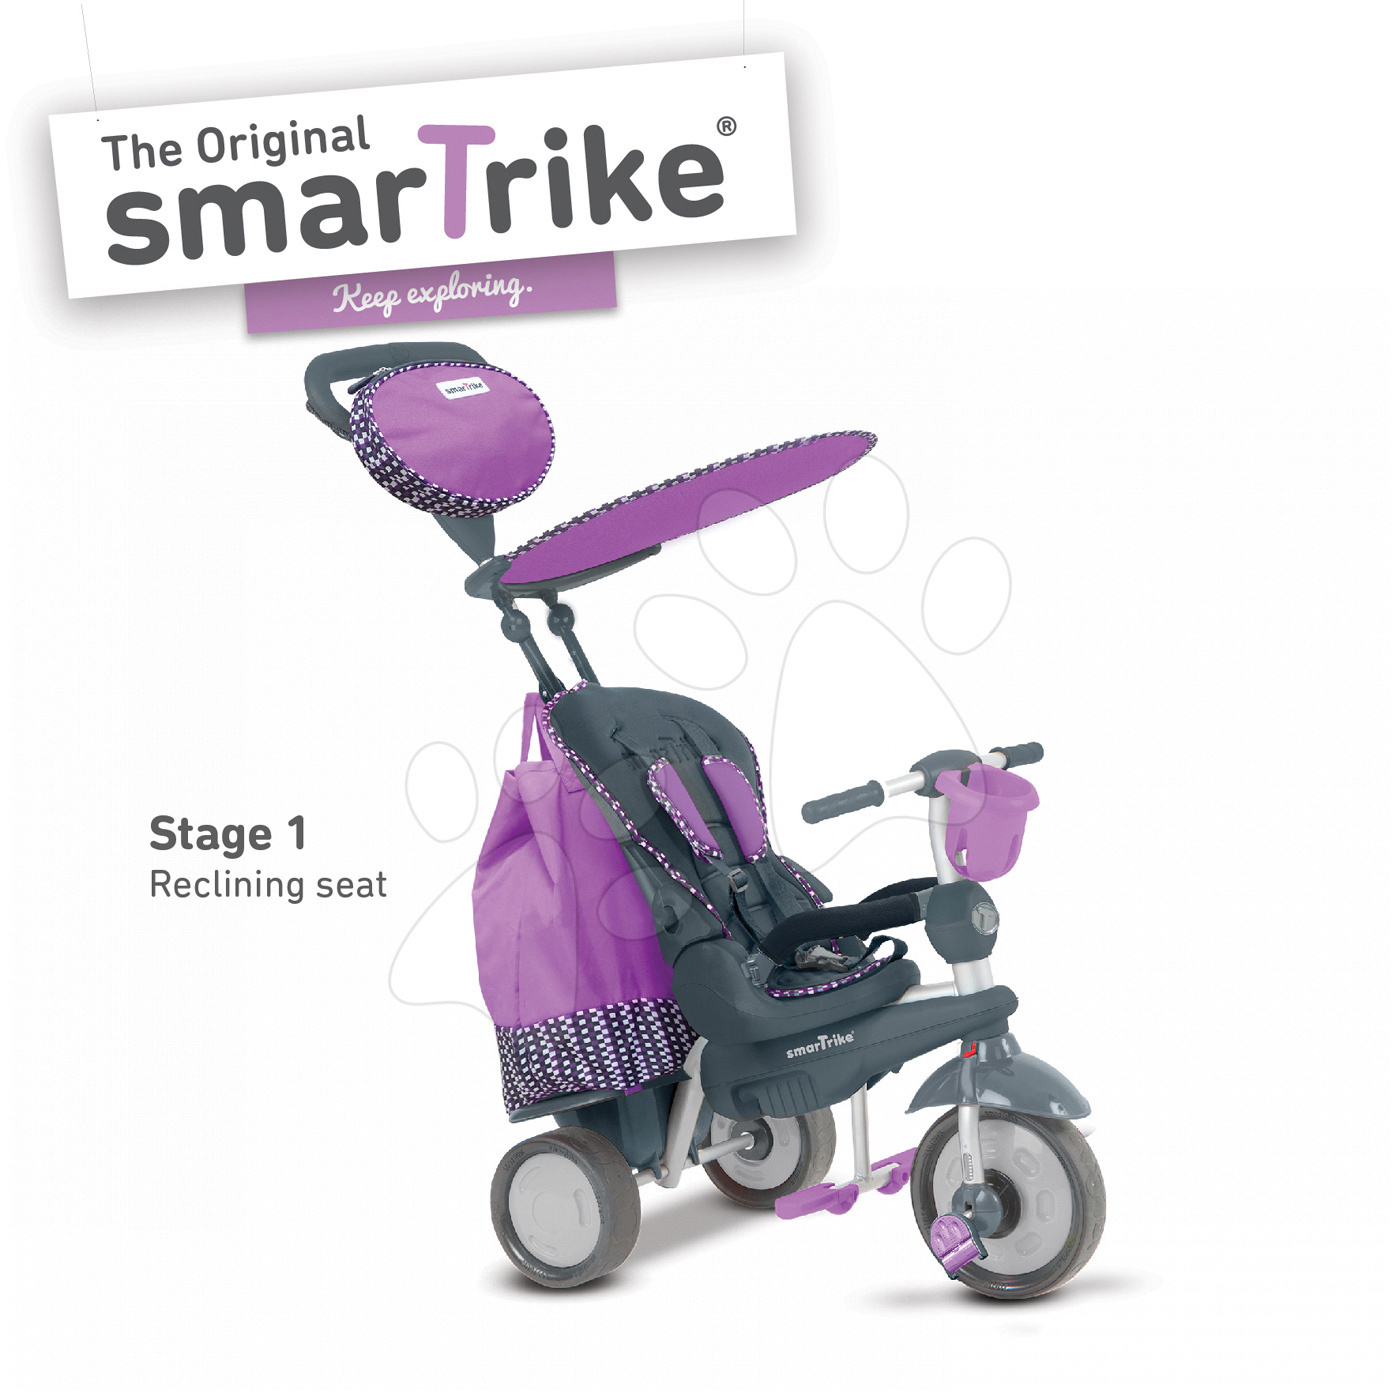 Trojkolky od 10 mesiacov - Trojkolka Splash 5v1 Purple smarTrike 360° riadenie s polohovateľnou opierkou fialovo-šedá od 10 mes